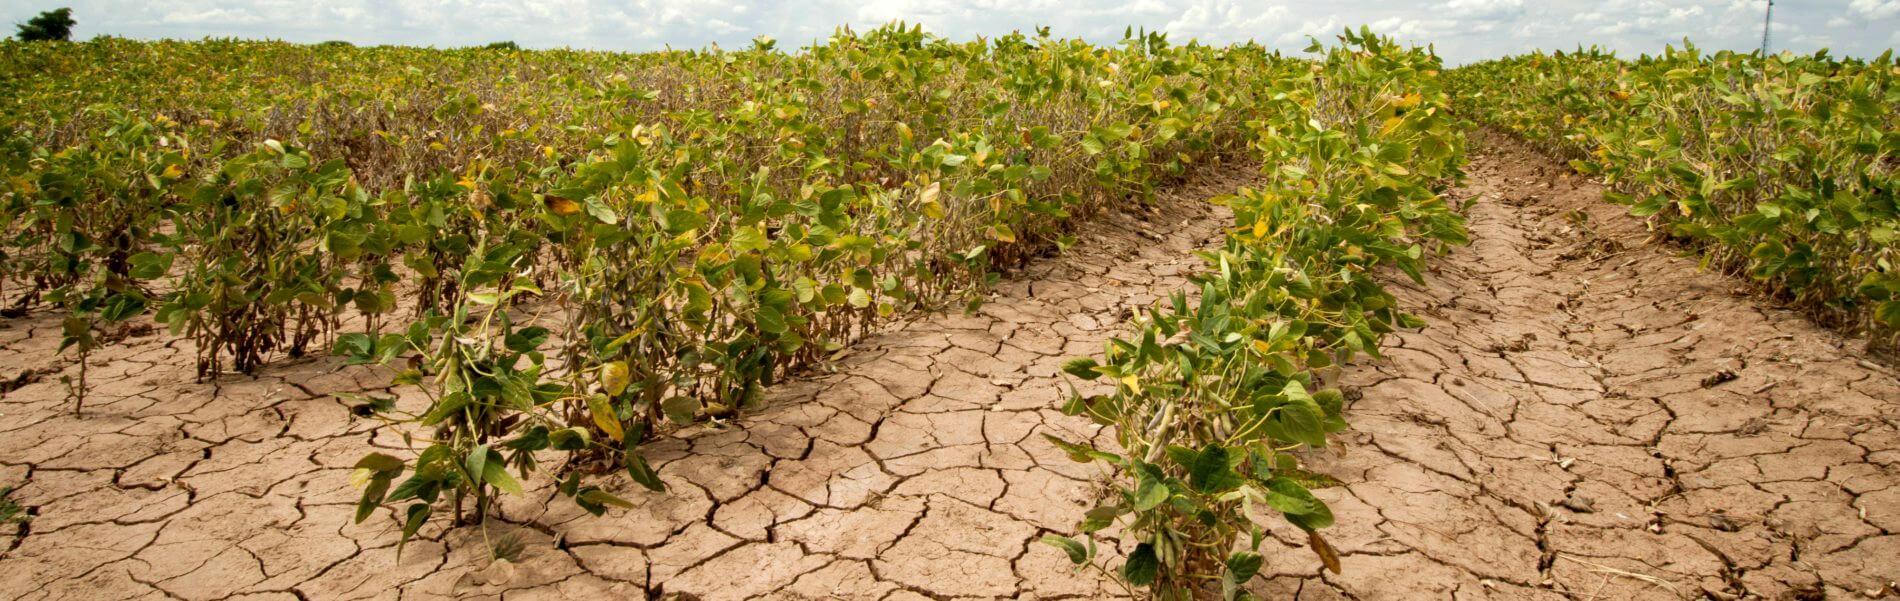 GEISEQ: Sistema Multiherramienta para la Gestión Integral de Sequías